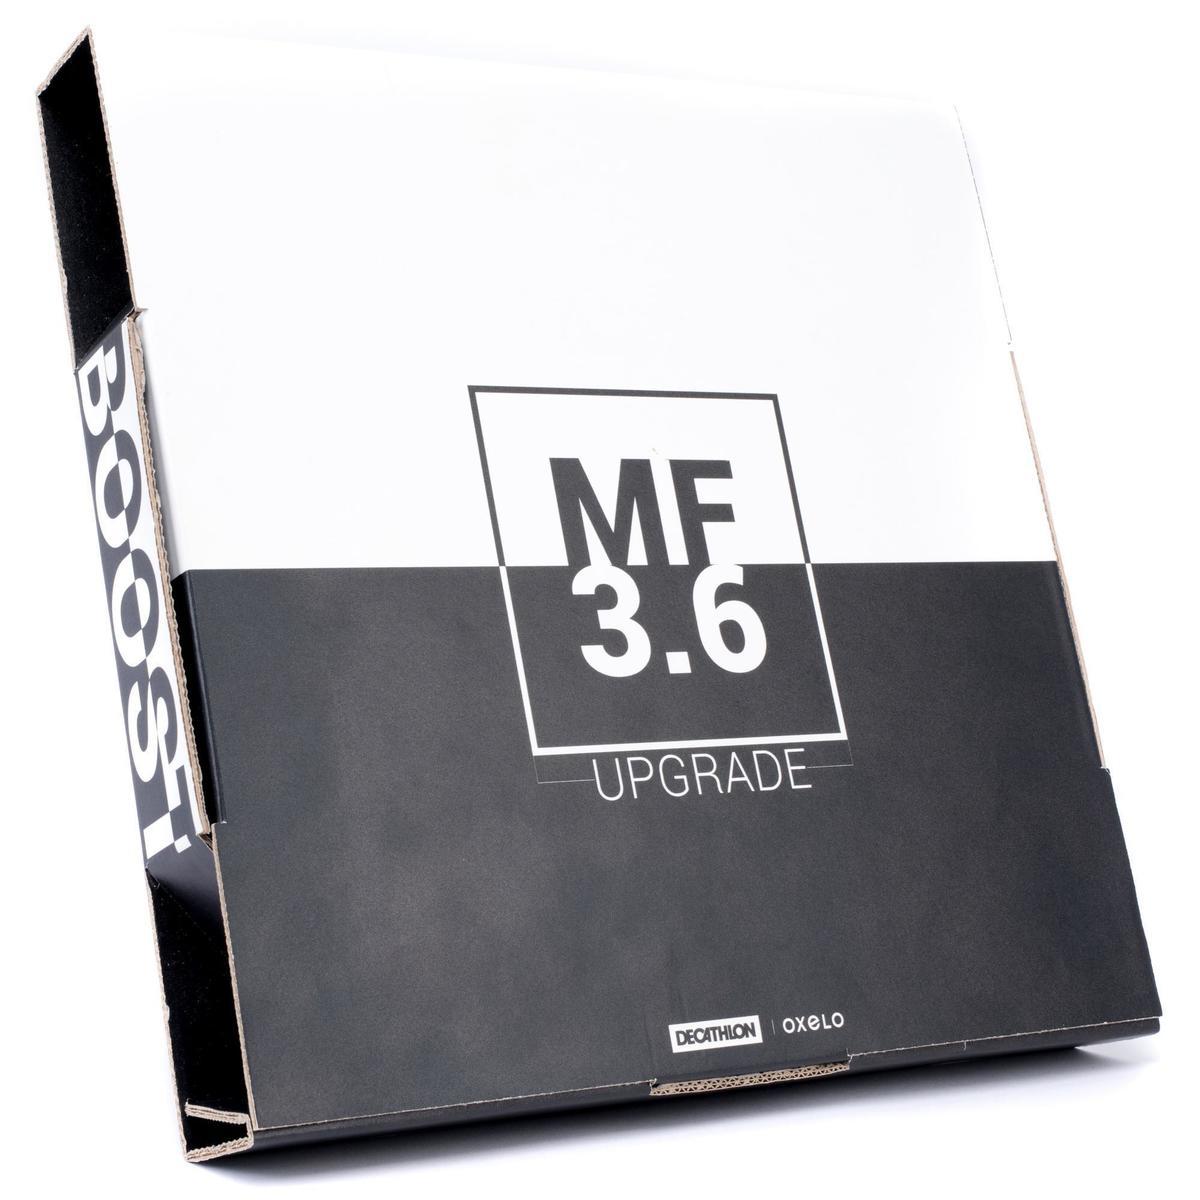 Bild 2 von Upgrade-Box MF3.6 Limited Edition